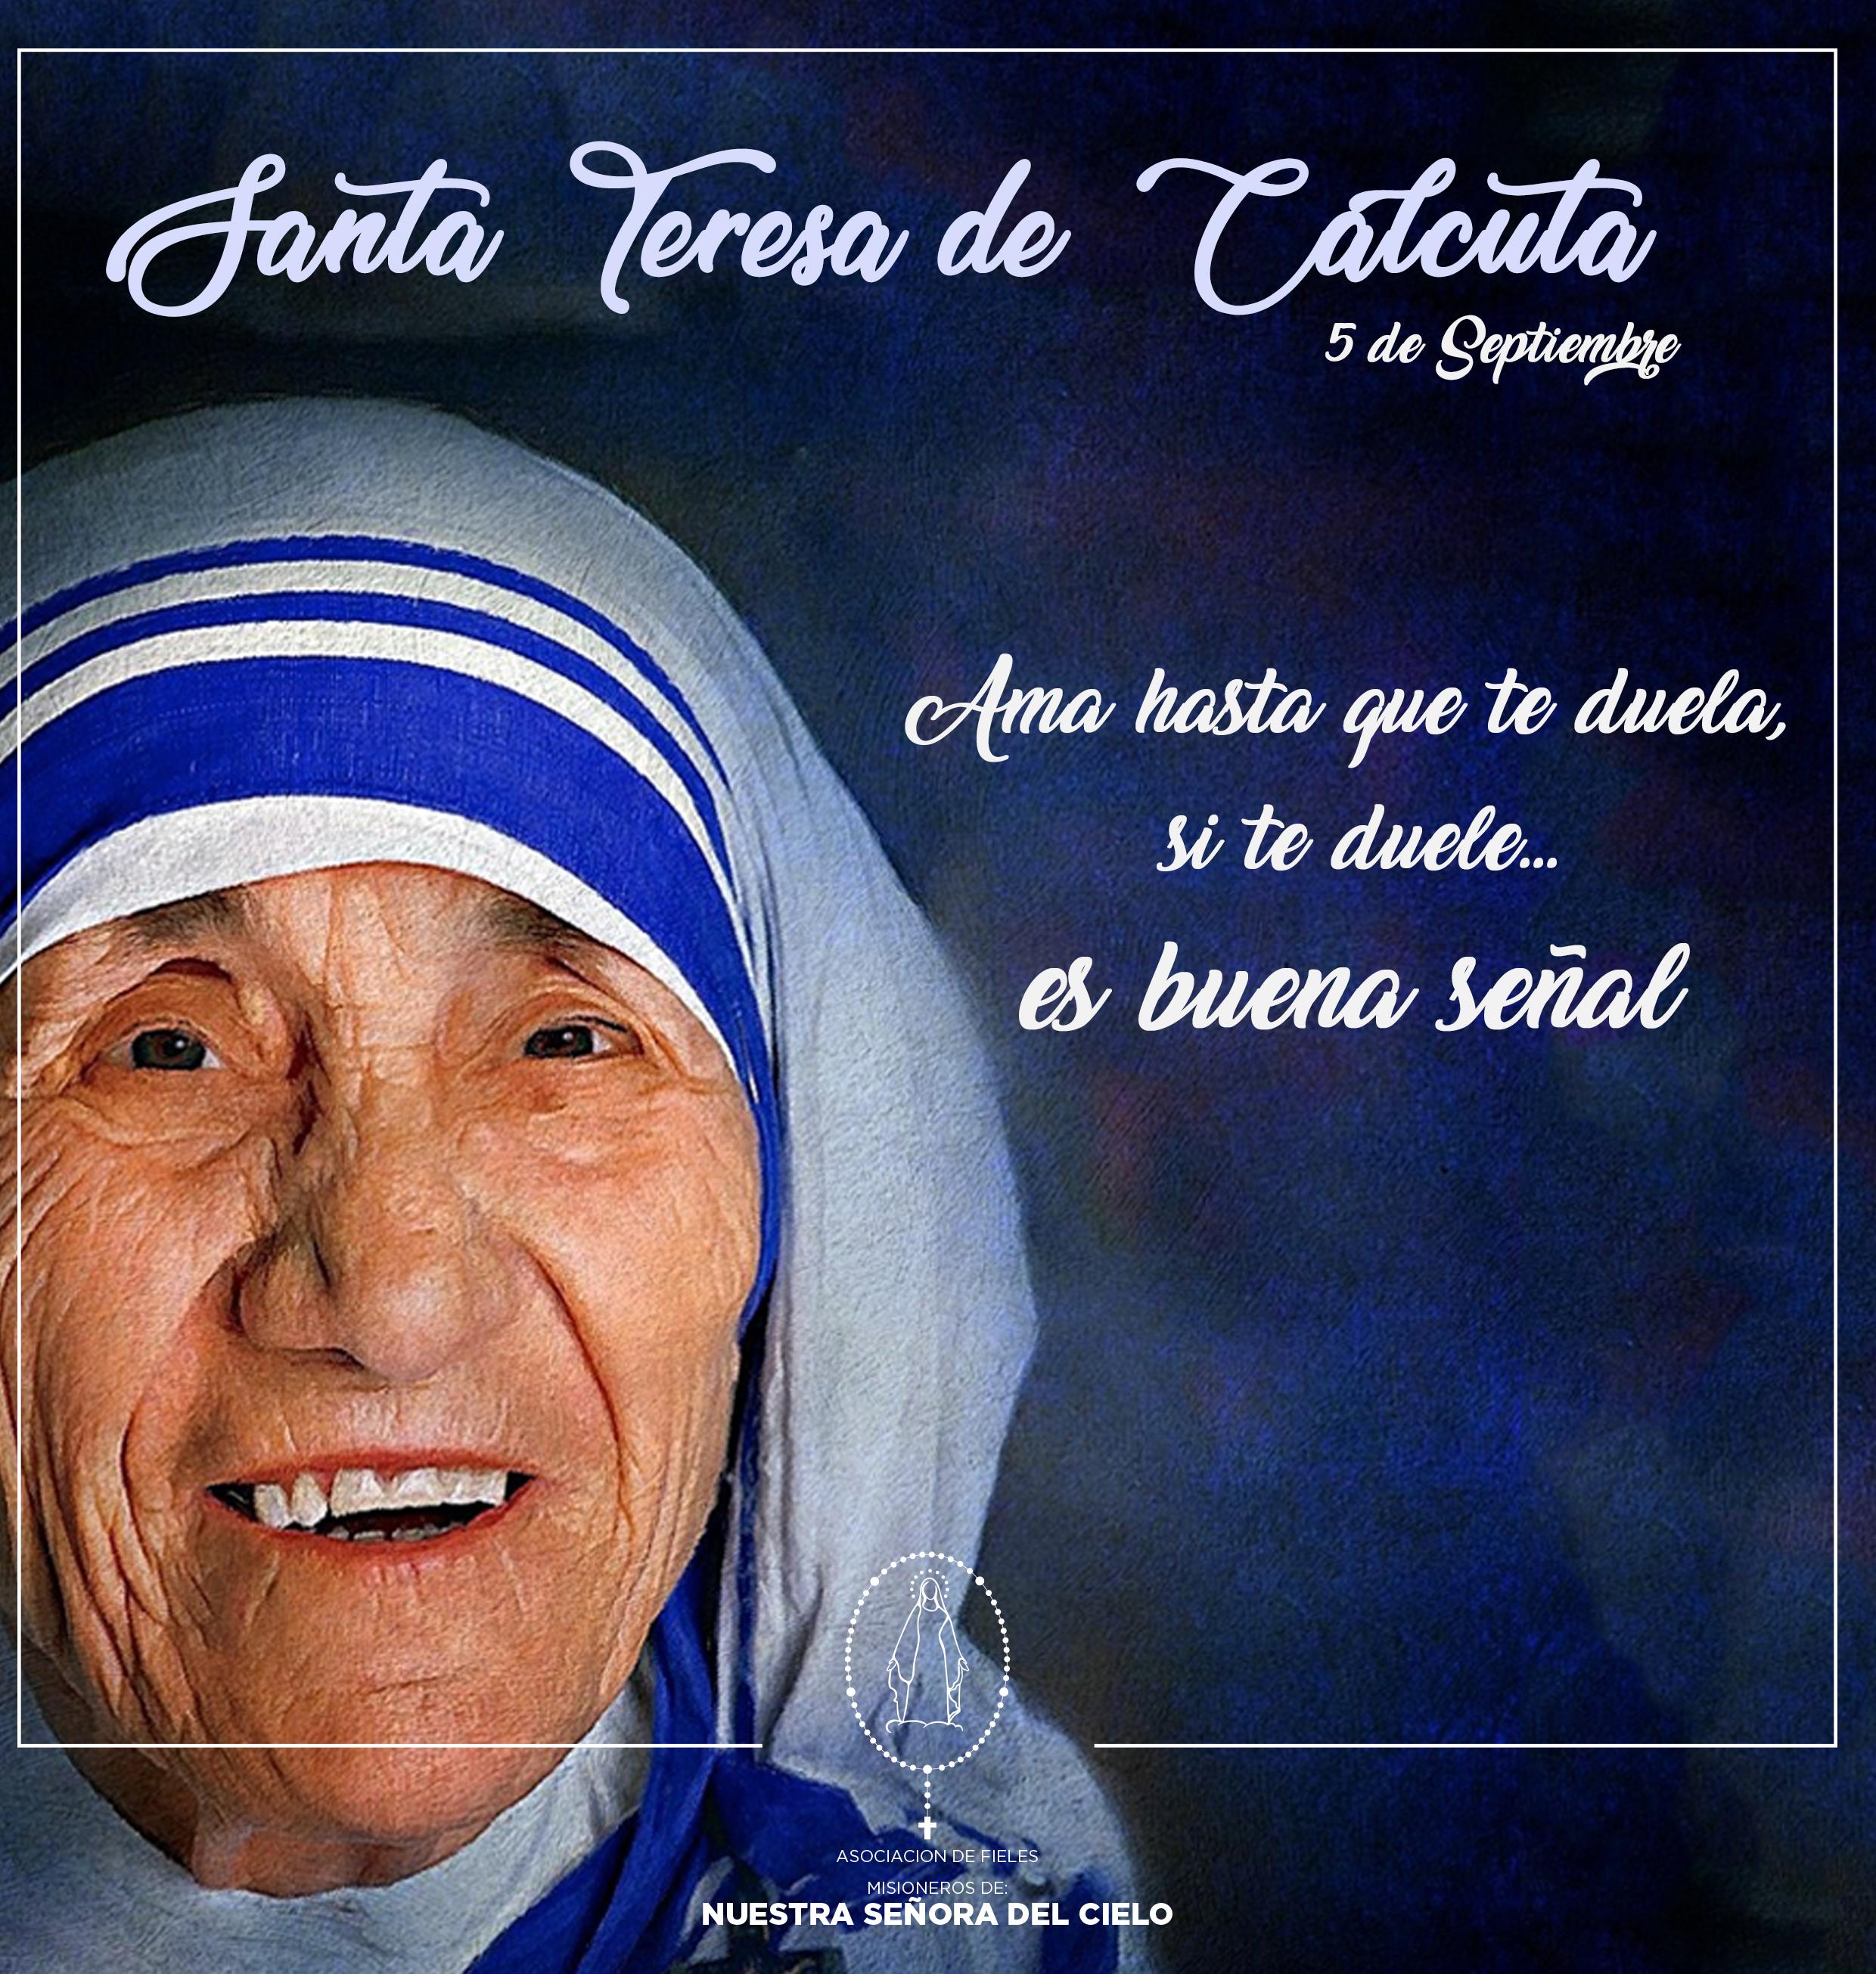 05 de Septiembre: Santa Teresa de Calcuta